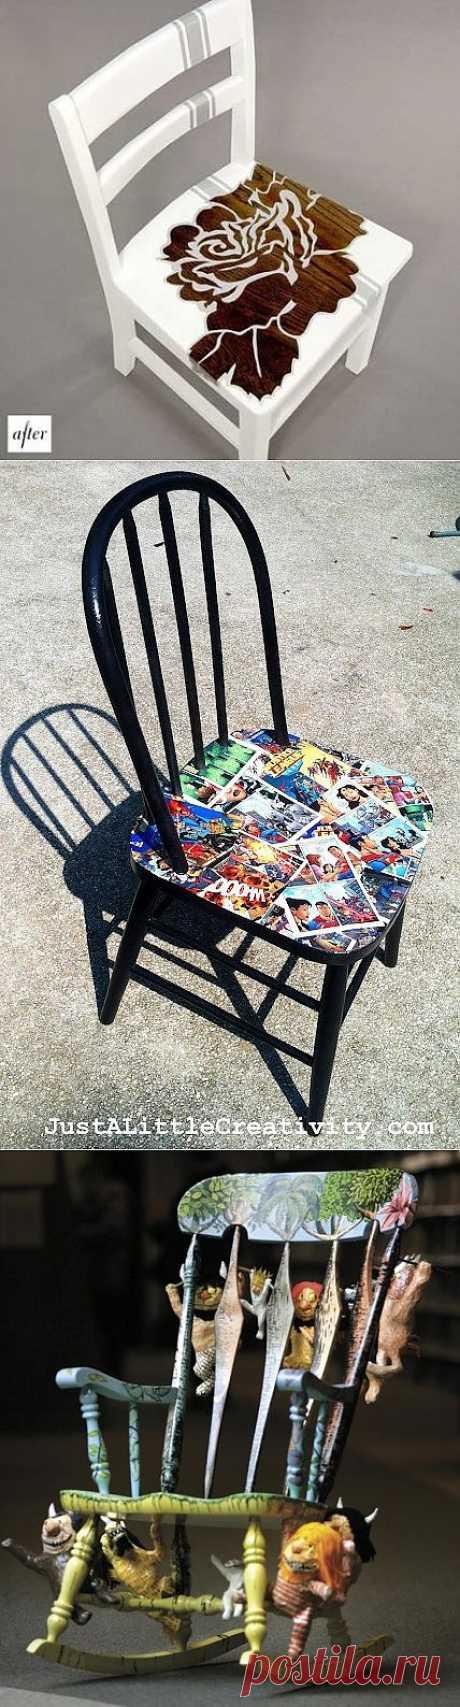 Переделка старых стульев (трафик) / Мебель / Модный сайт о стильной переделке одежды и интерьера